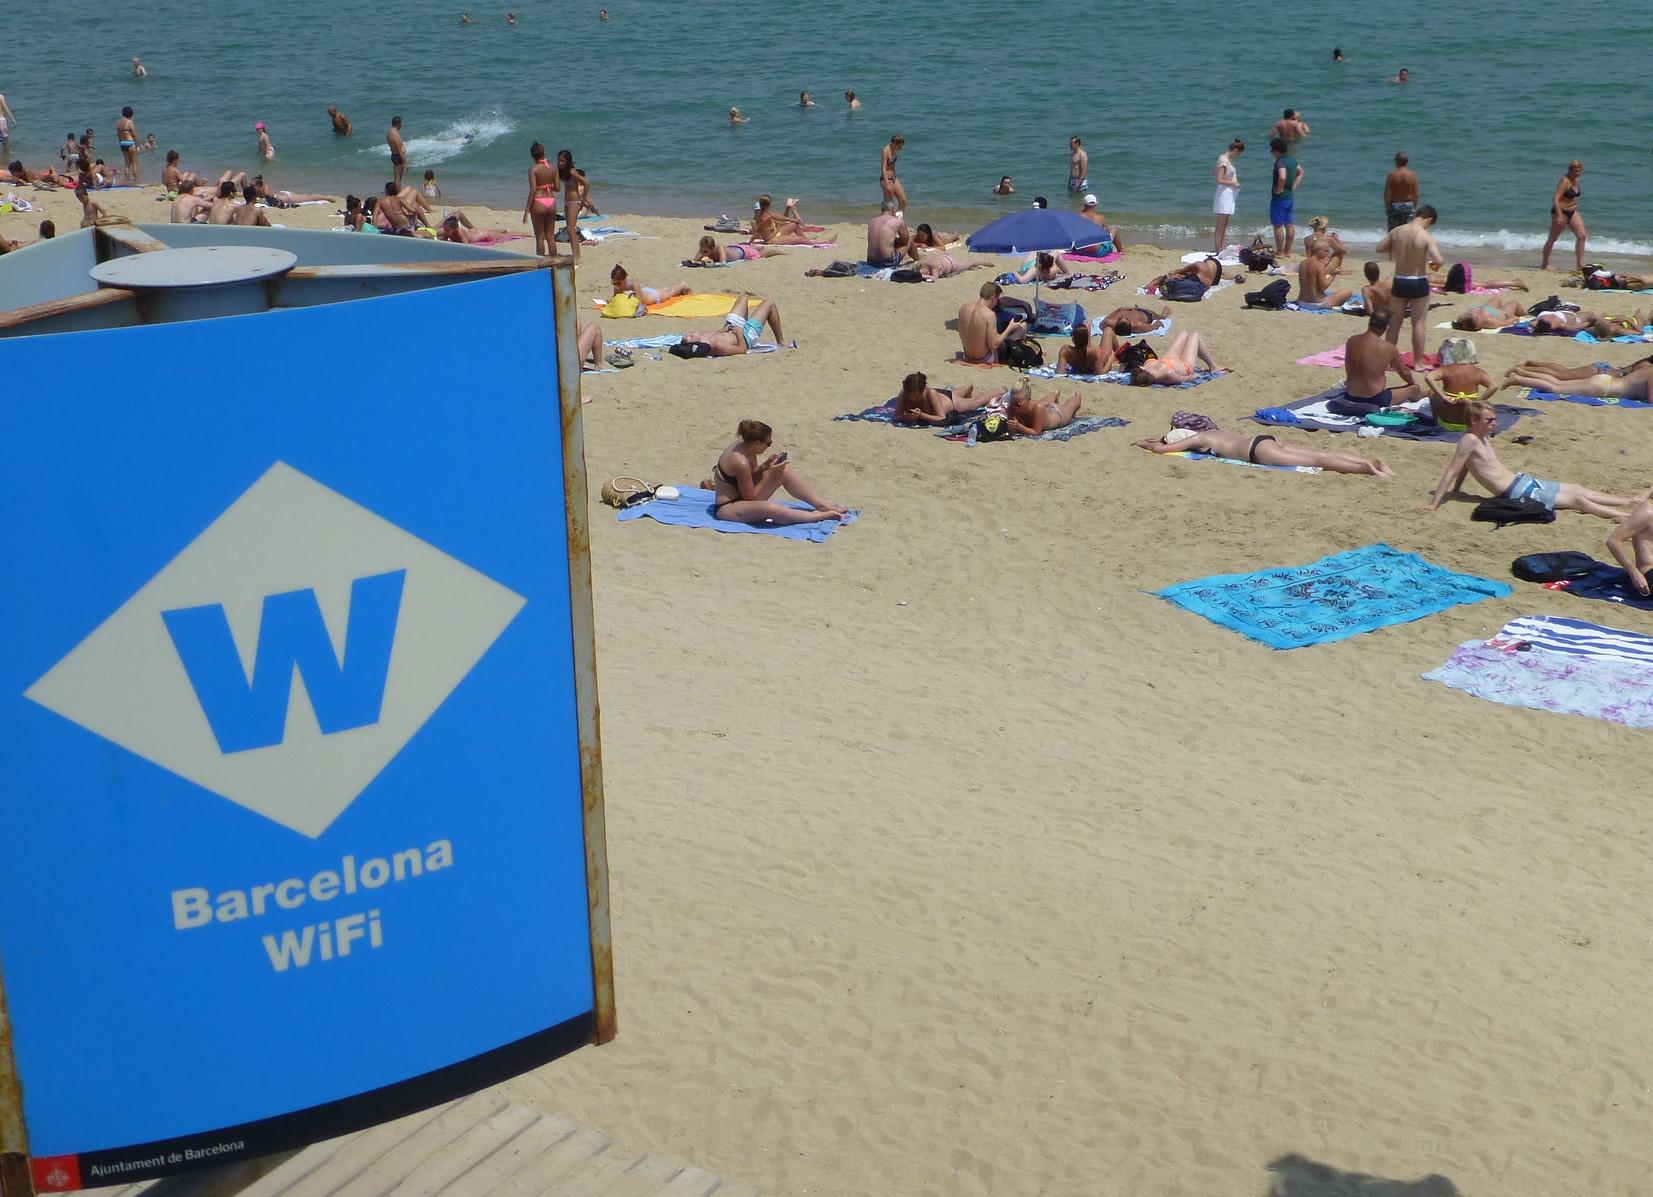 Дешевый мобильный интернет как альтернатива бесплатному Wi-Fi в Барселоне – где подключить в России?